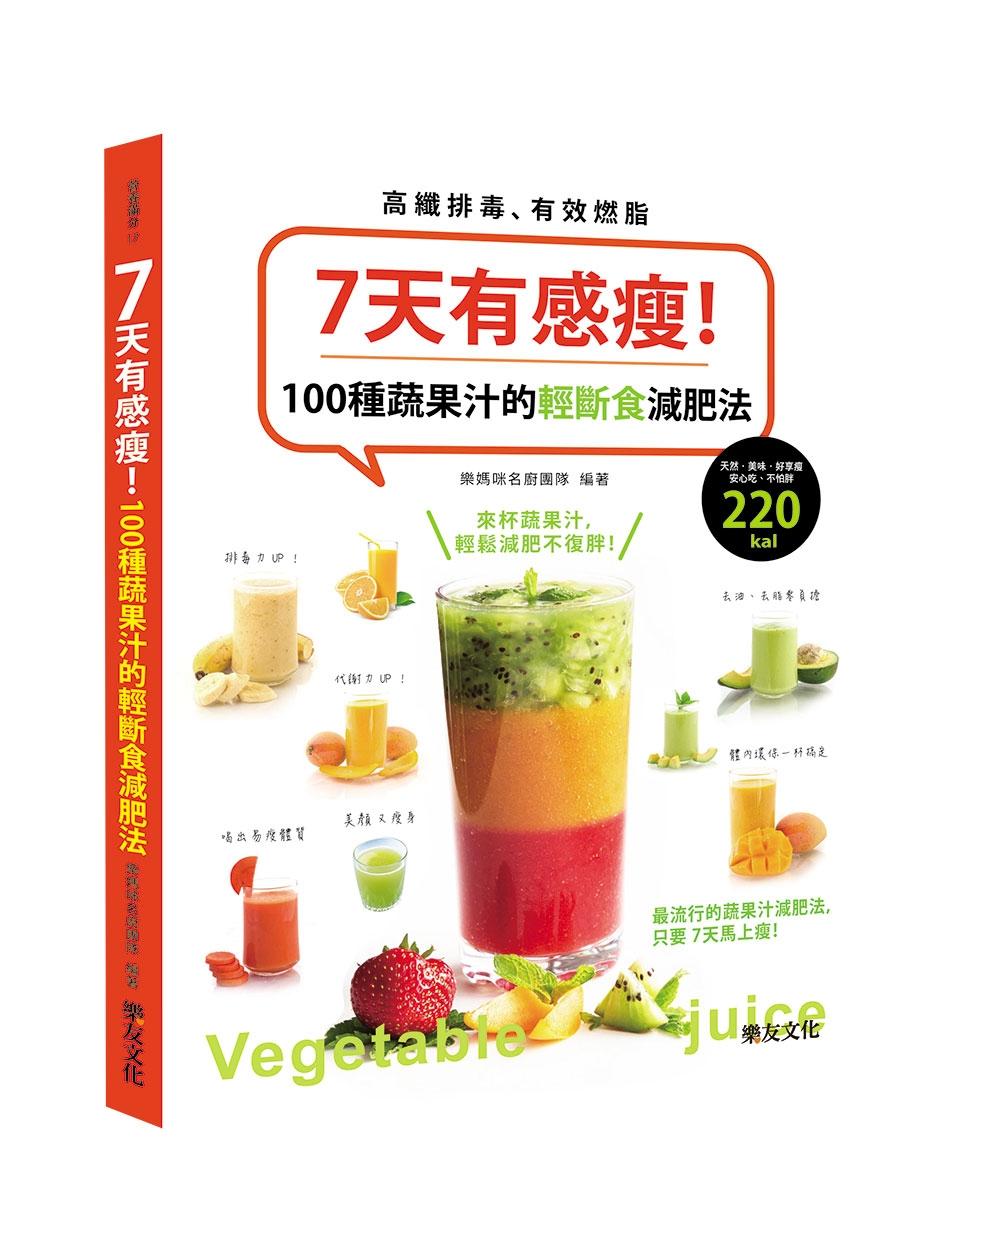 7天有感瘦!:100種蔬果汁的輕斷食減肥法